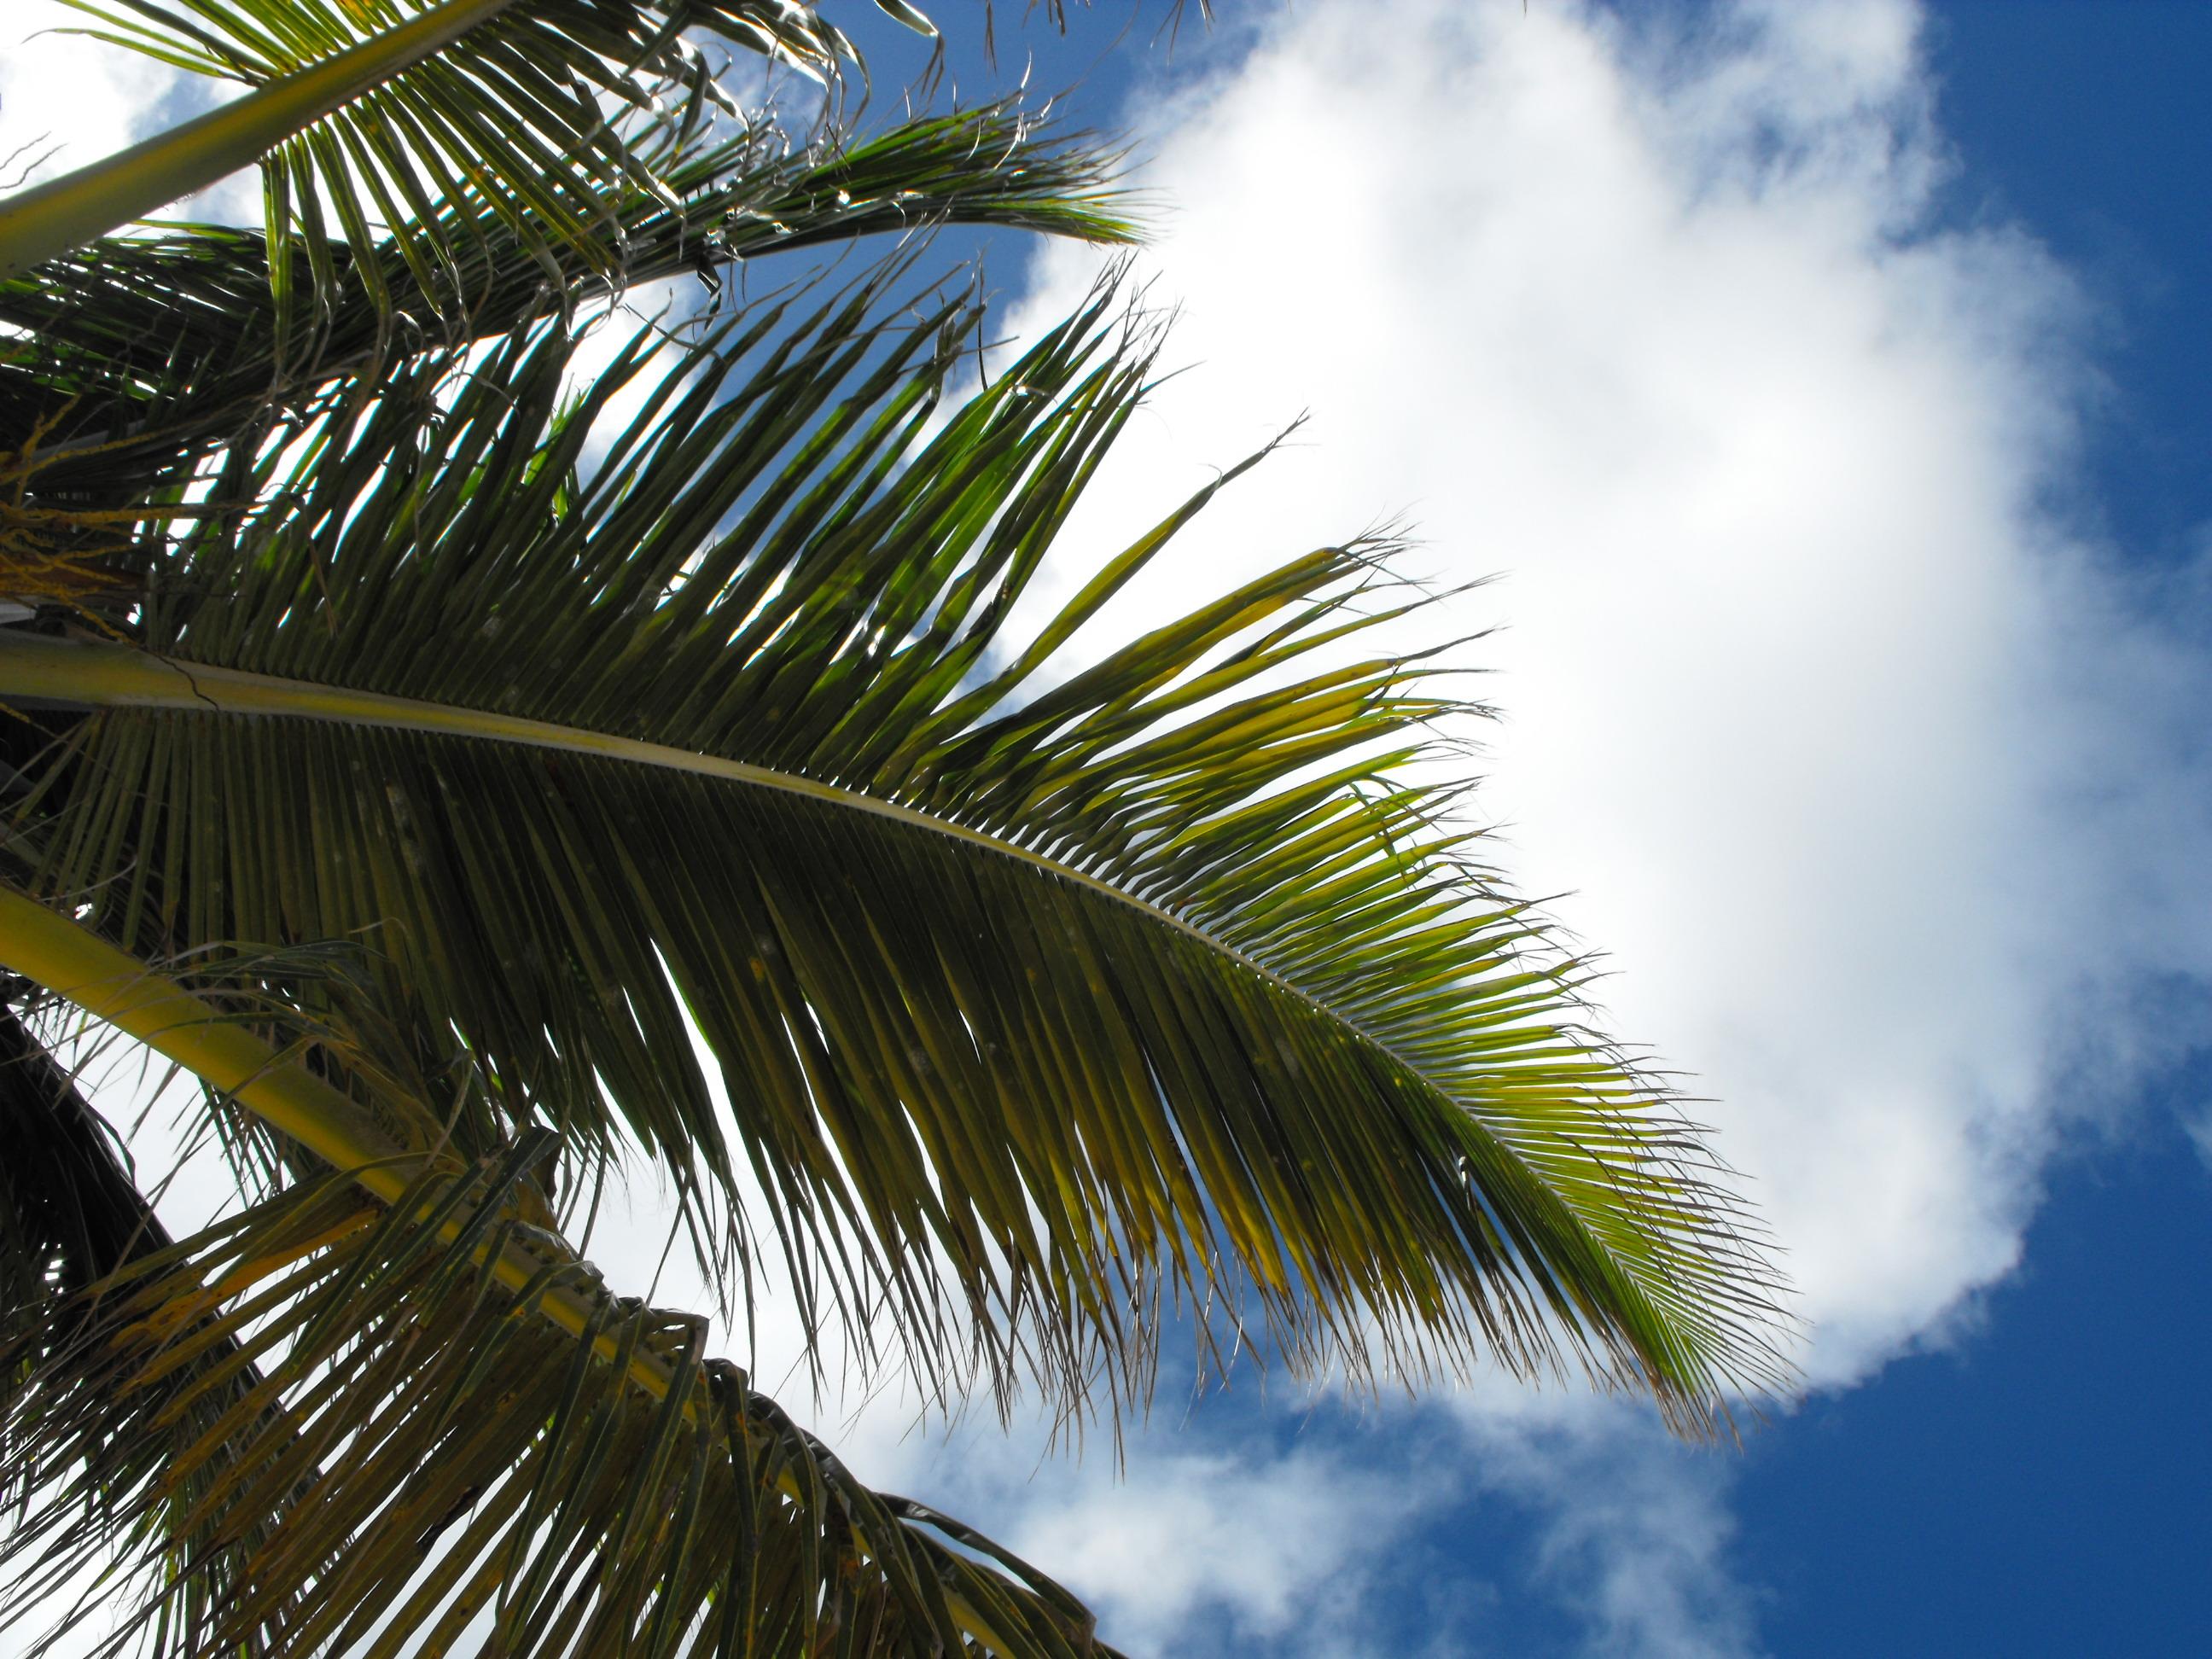 berlin-strandbar-palmer-travelgrip